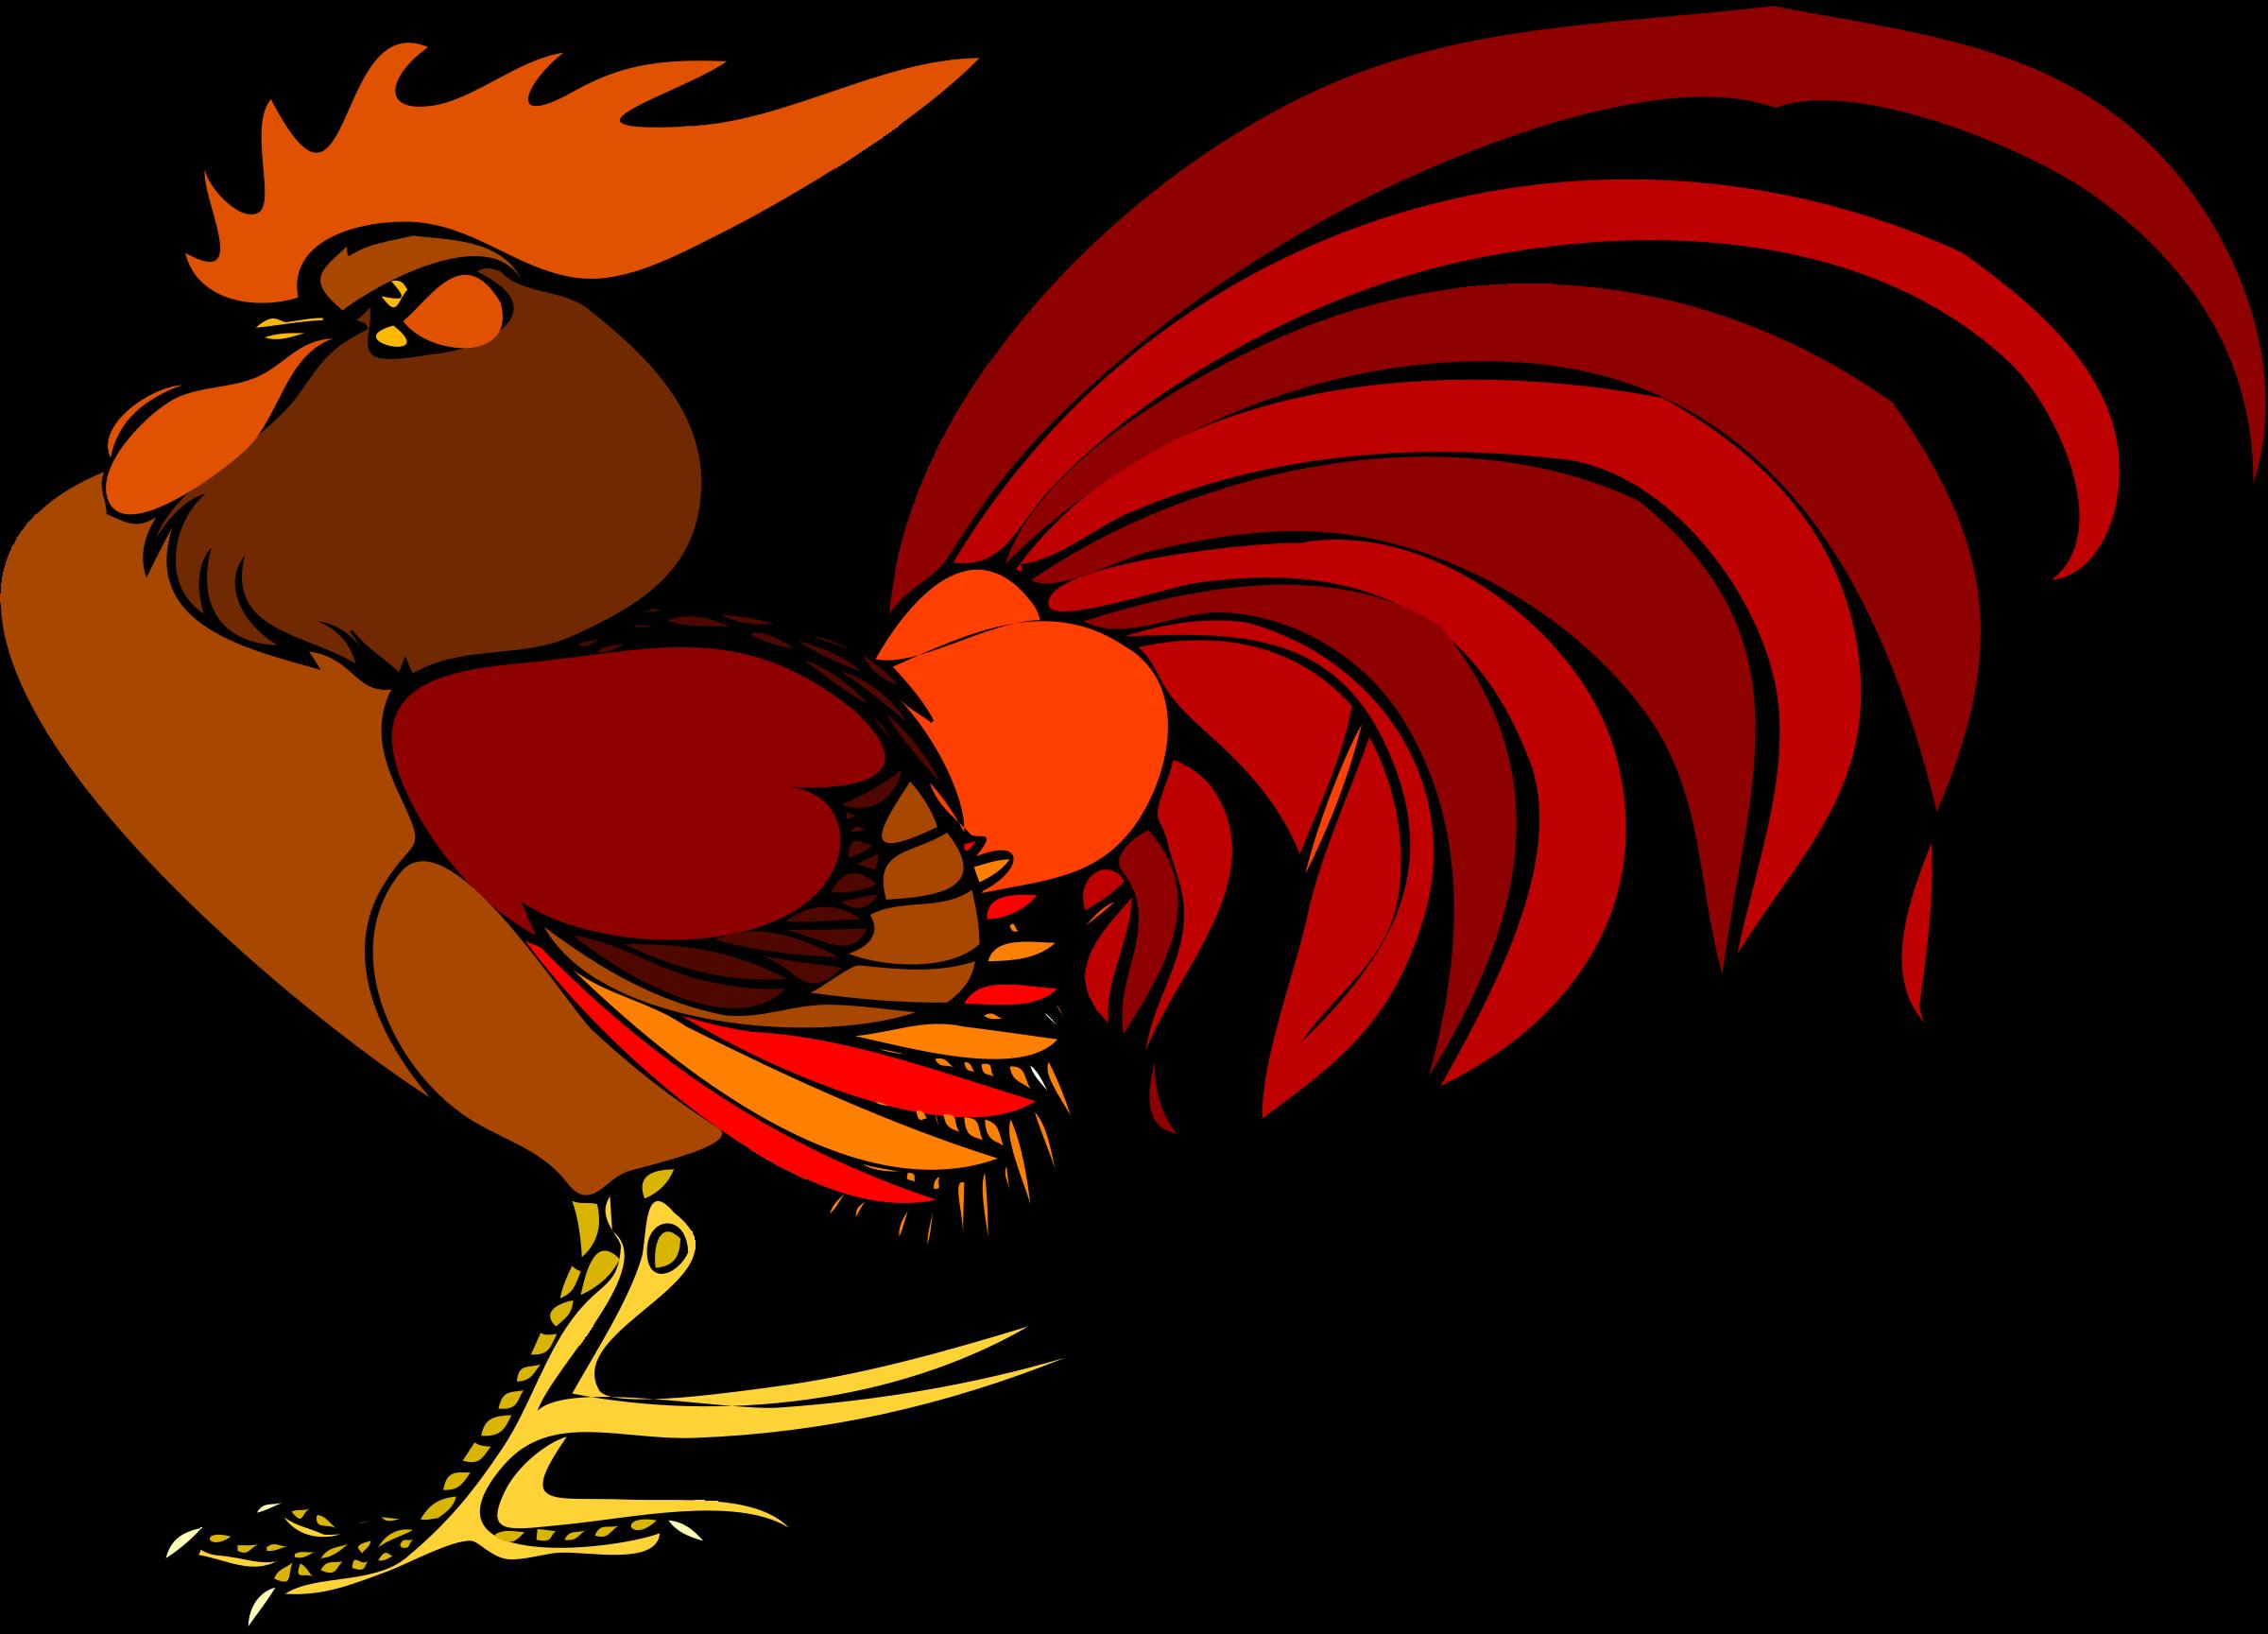 Big Image Gambar Animasi Ayam Jantan Clipart Full Size